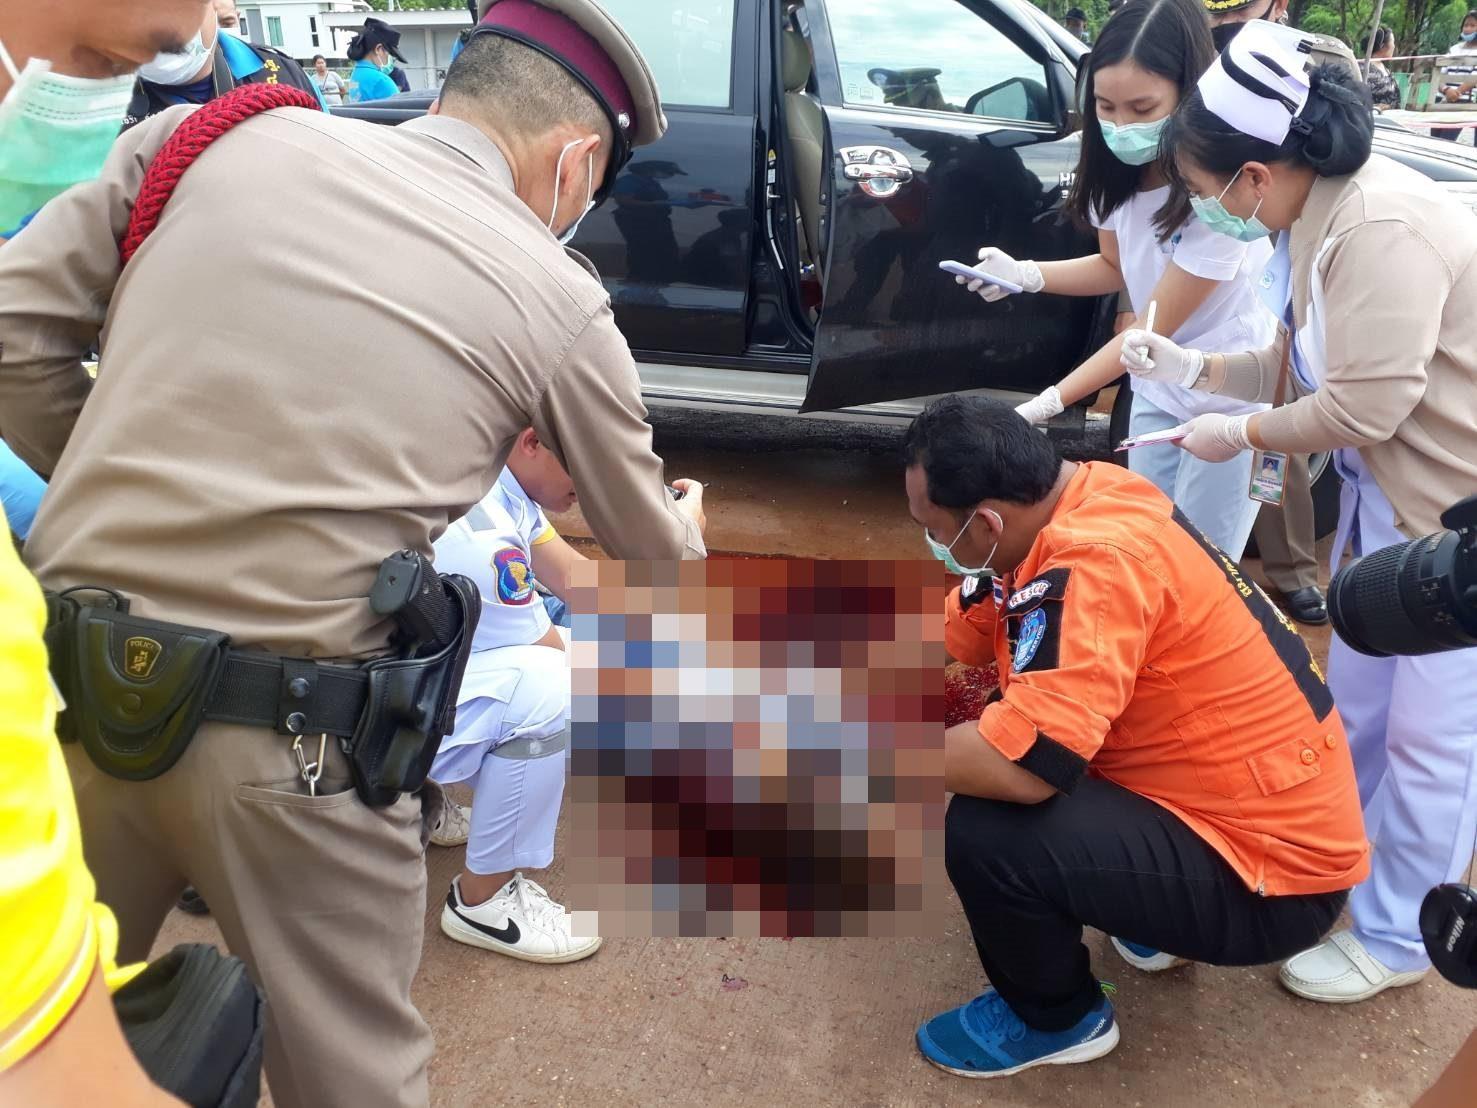 หนุ่มชลบุรีแค้น แฟนปันใจ รีเทิร์นสามีเก่า กระหน่ำยิง 3 ศพ กลางเมืองนครพนม